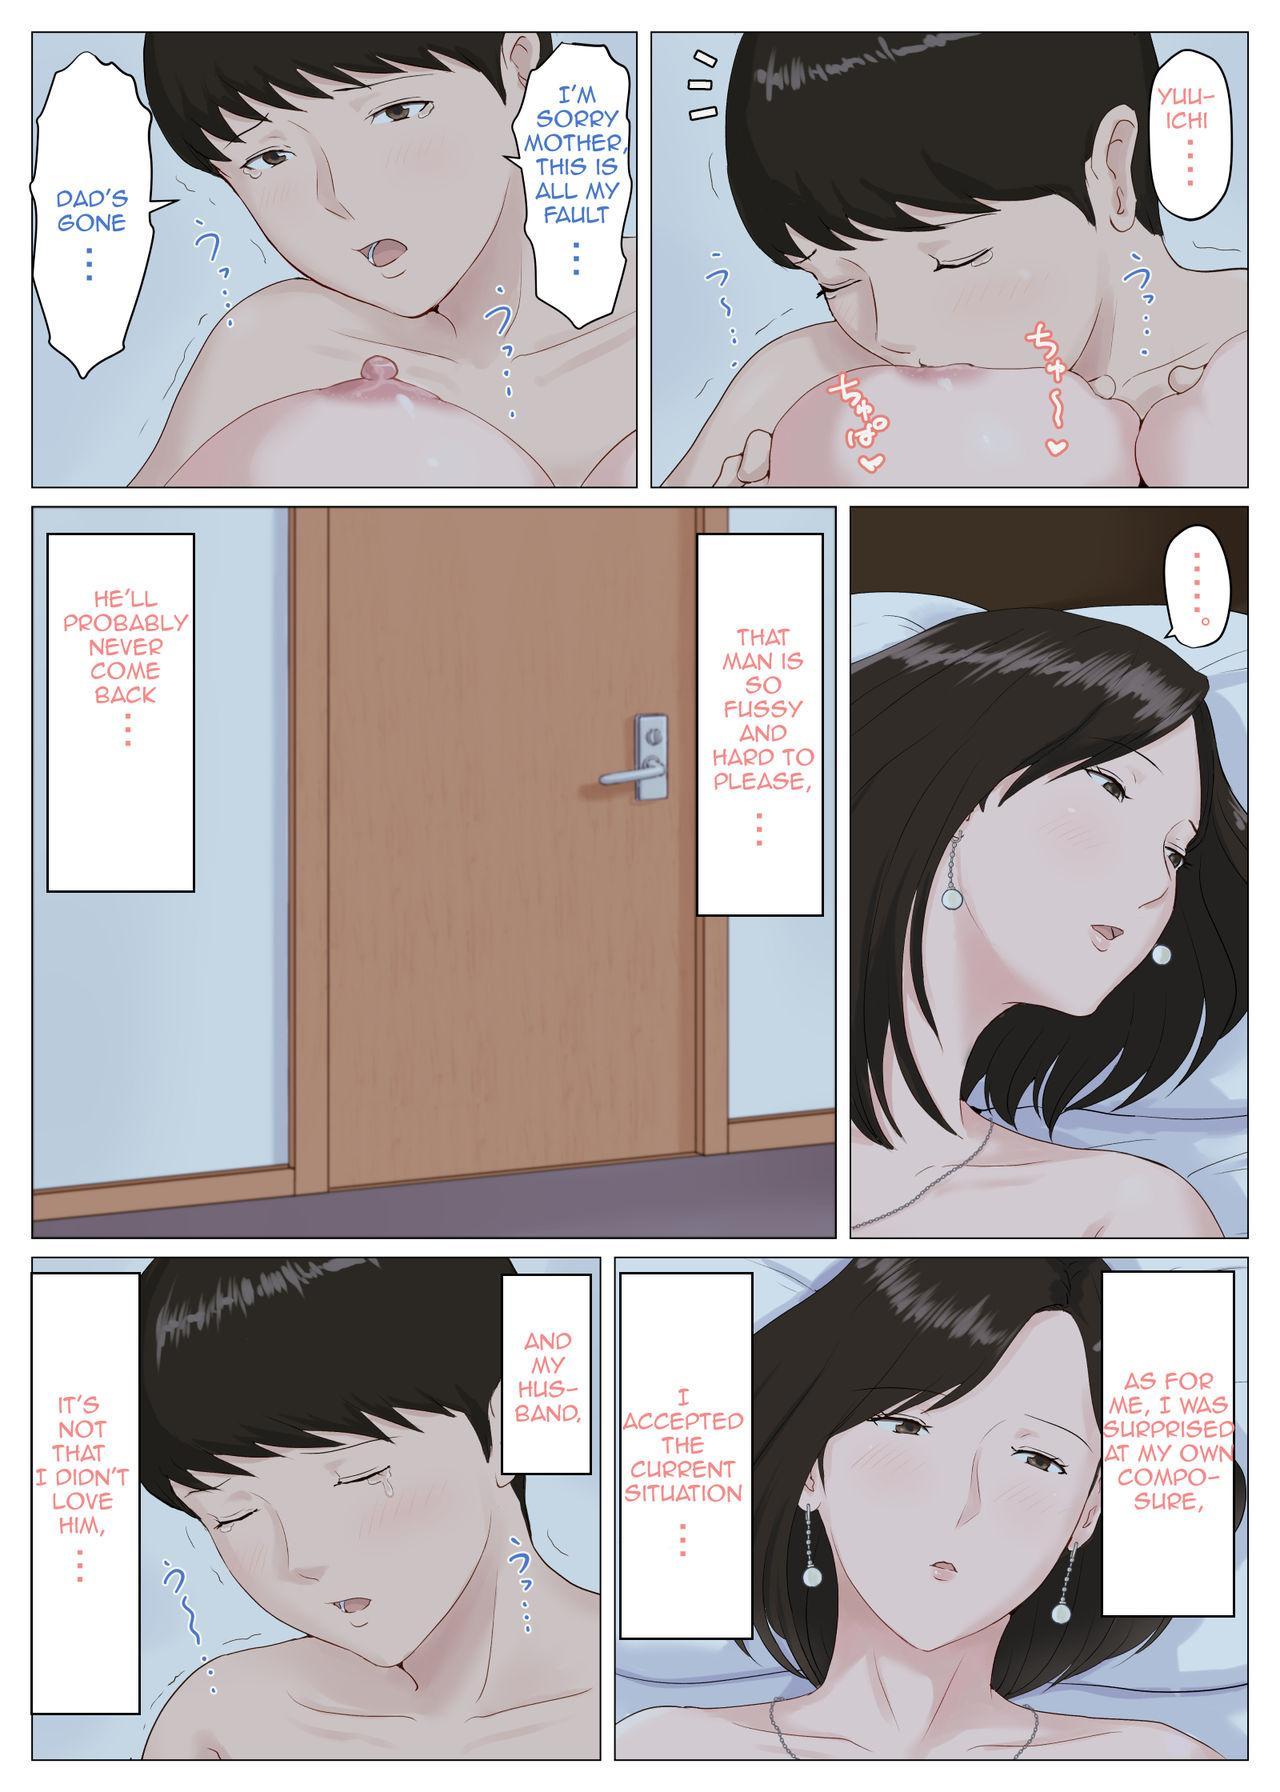 [Horsetail] Kaa-san Janakya Dame Nanda!! 5 ~Kanketsuhen Zenpen~| Mother, It Has to Be You ~Conclusion Part 1~[English][Amoskandy] 63